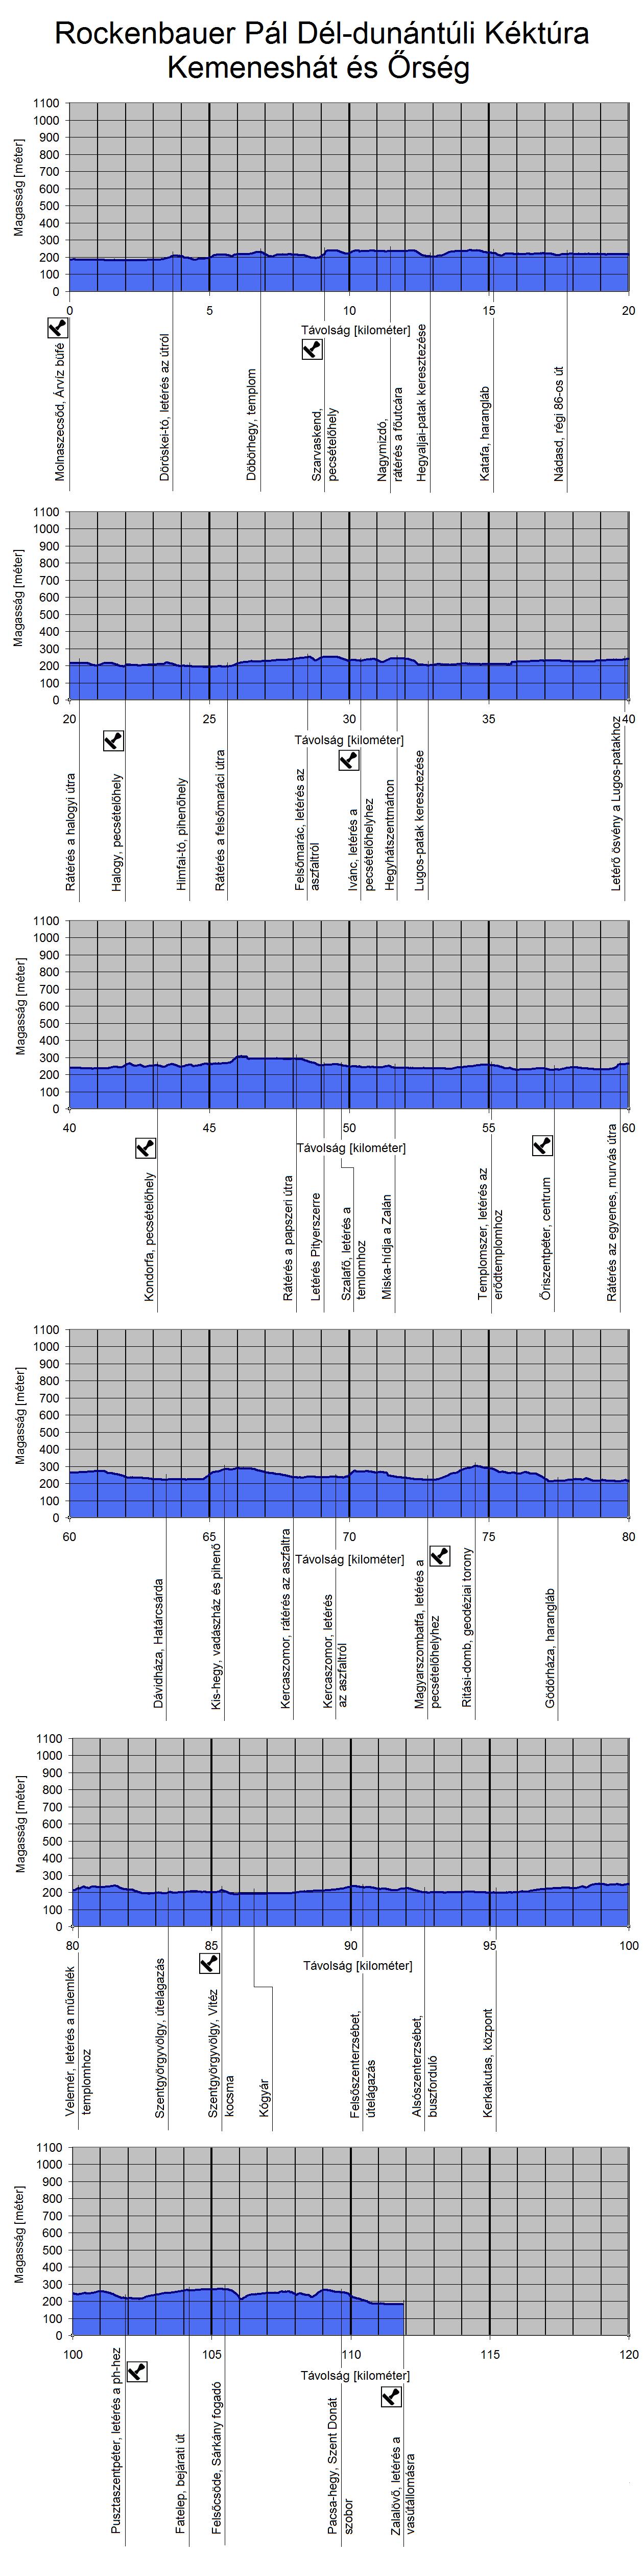 A Rockenbauer Pál Dél-dunántúli Kéktúra útvonalának szintmetszete a Kemeneshátom és az Őrségben